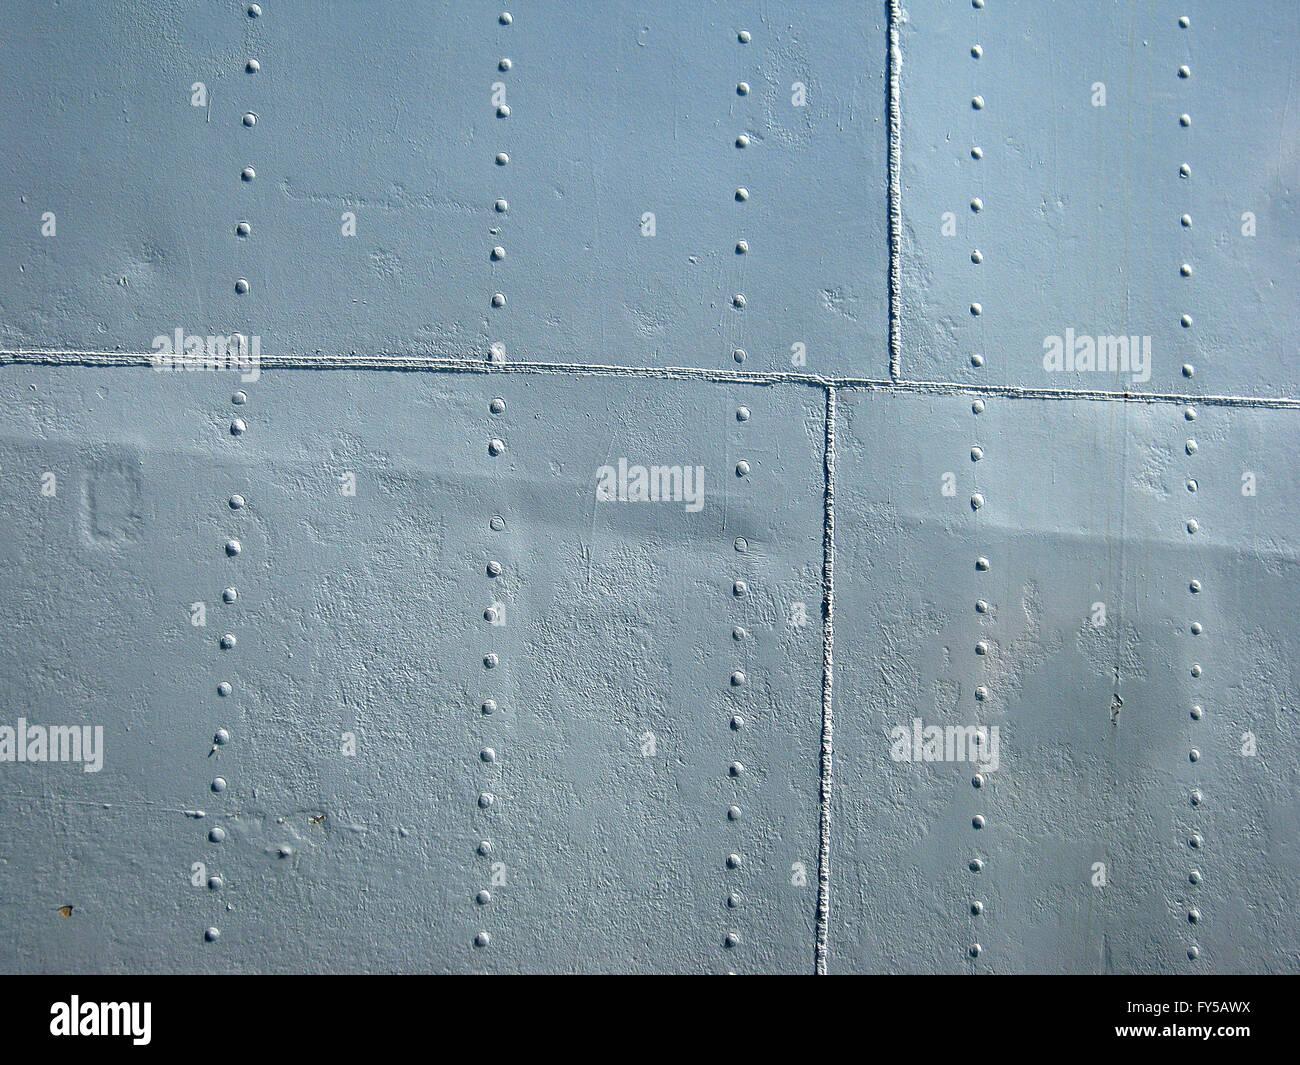 Detaillierten grauen historischen 2. Weltkrieg Schiff Metallwand mit Nähten und Nieten. Stockbild